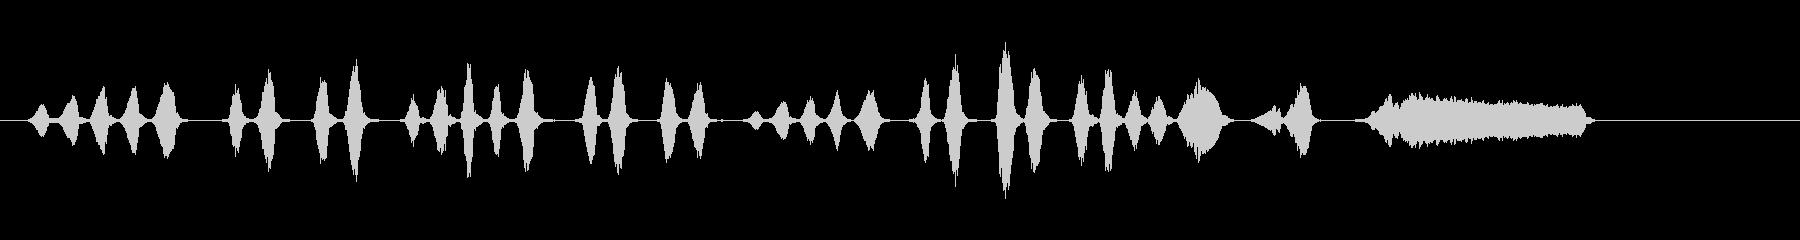 口のオルガン、ワルツのメロディーの未再生の波形